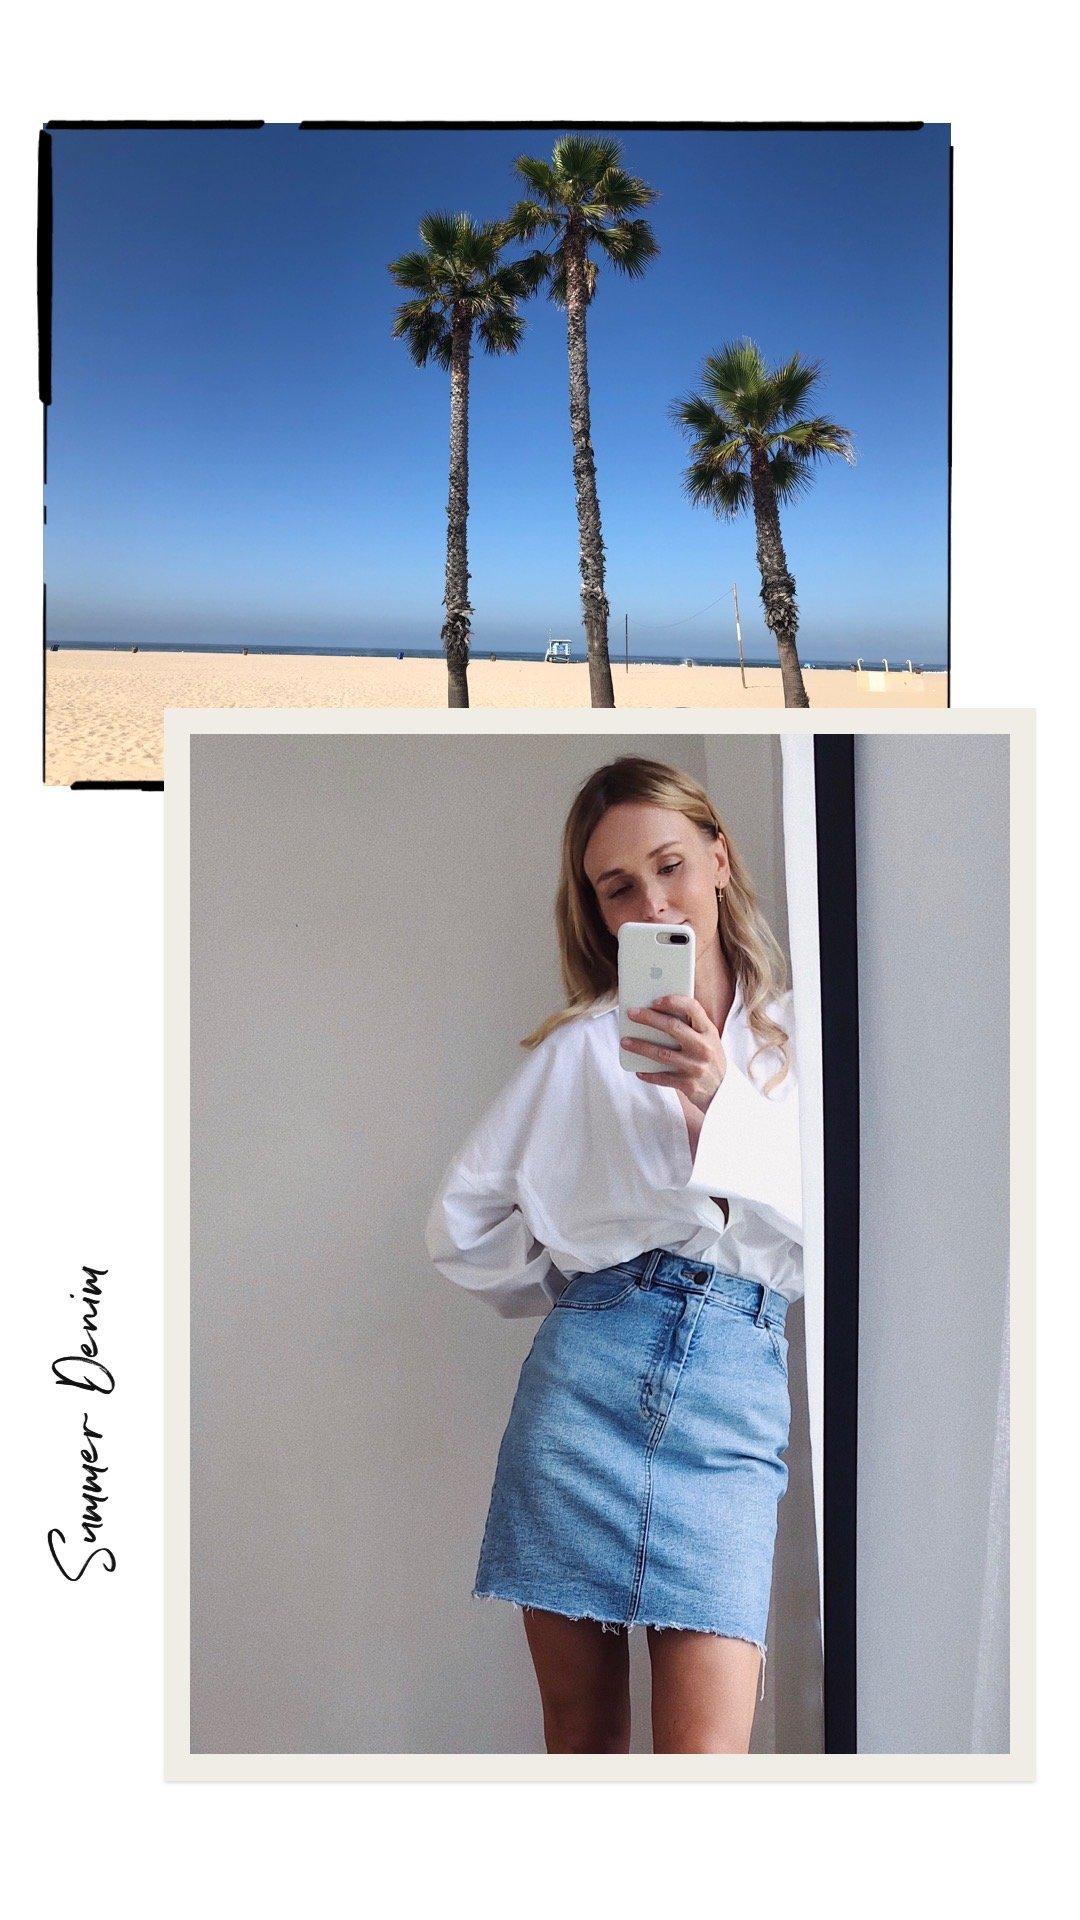 Summer-Denim-weisse-Bluse-Sommer-Urlaub